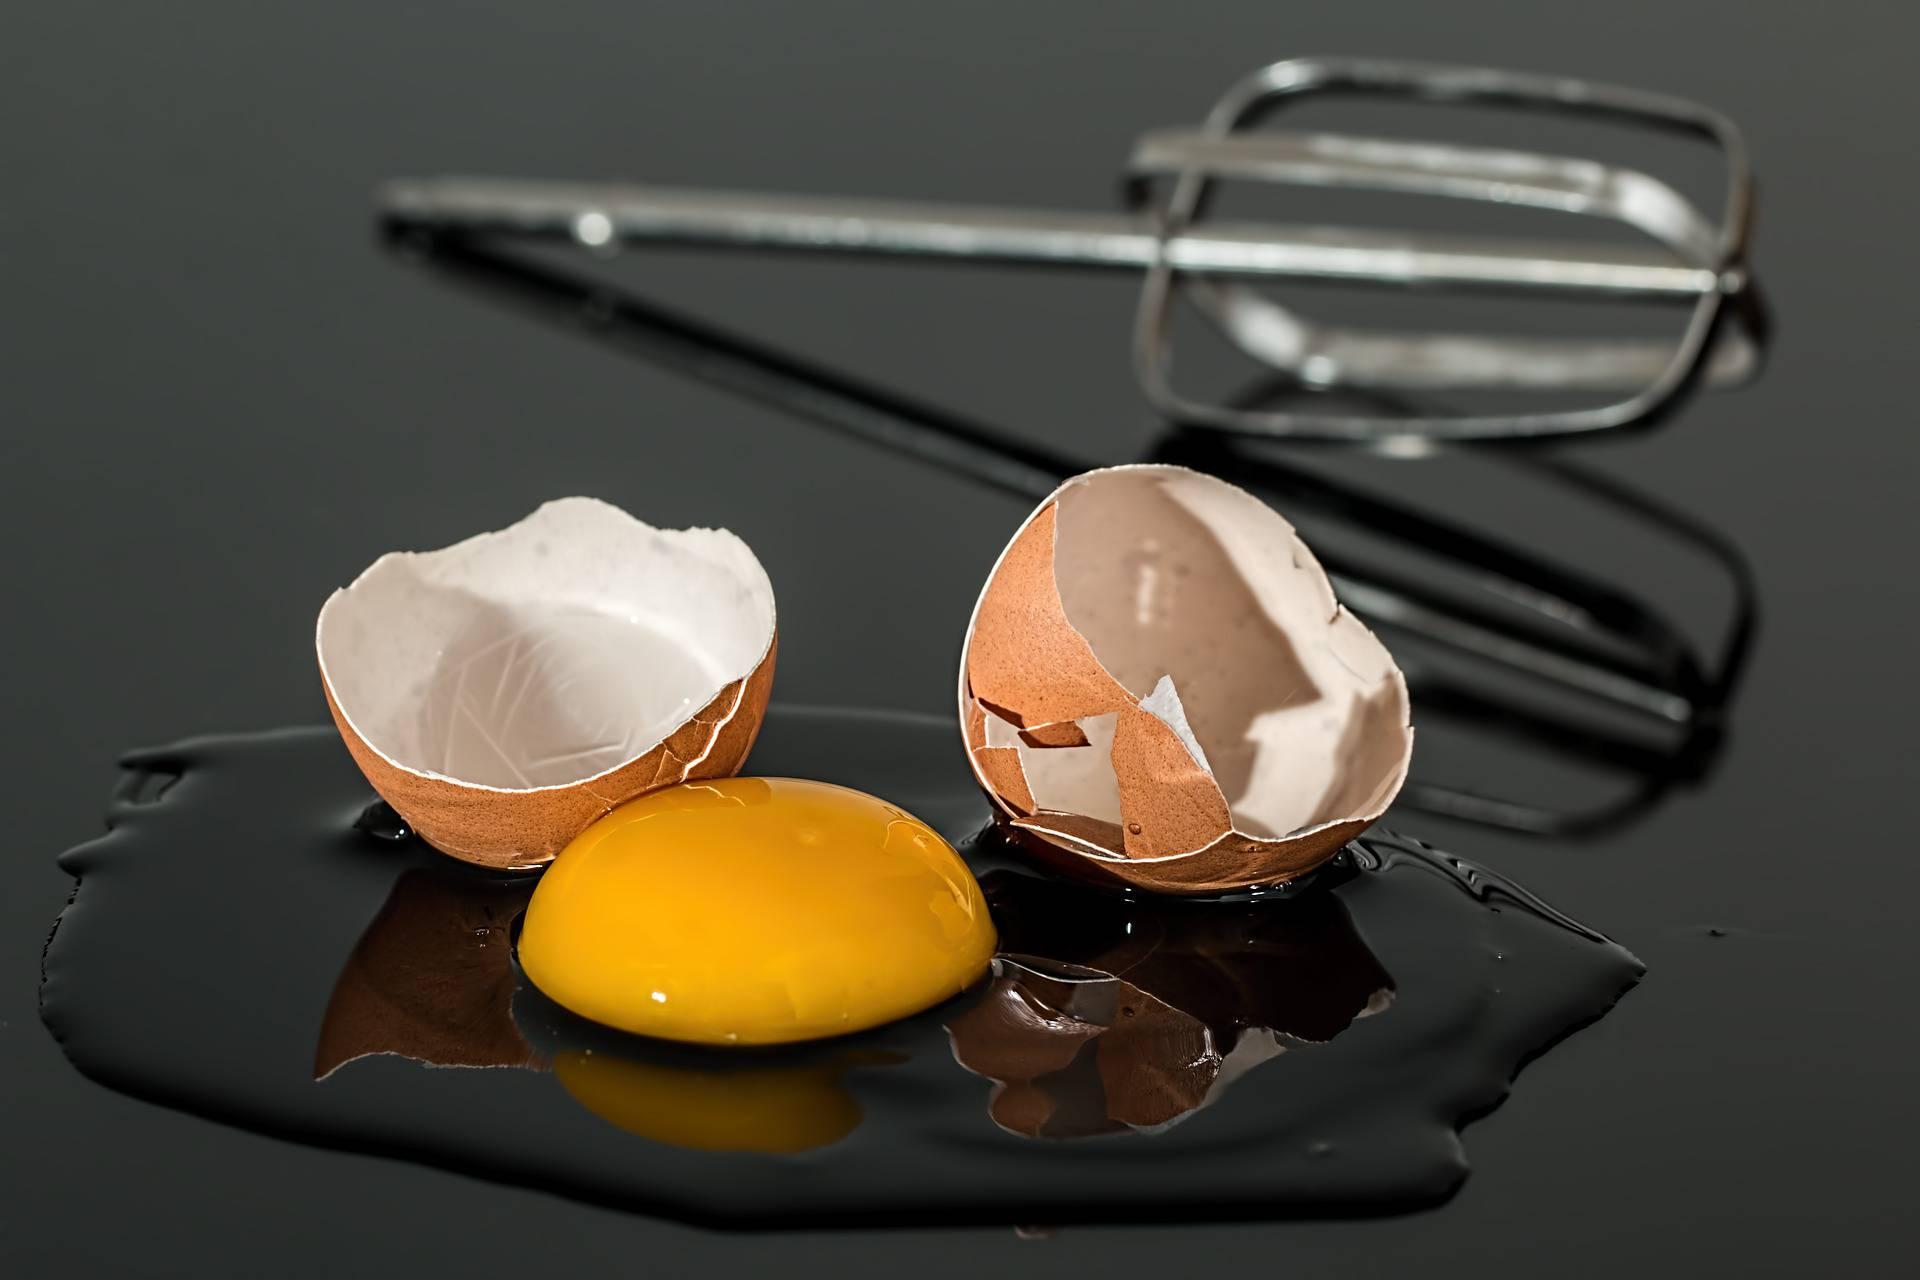 Dokazano najbolja metoda za razbiti svježe jaje bez nereda